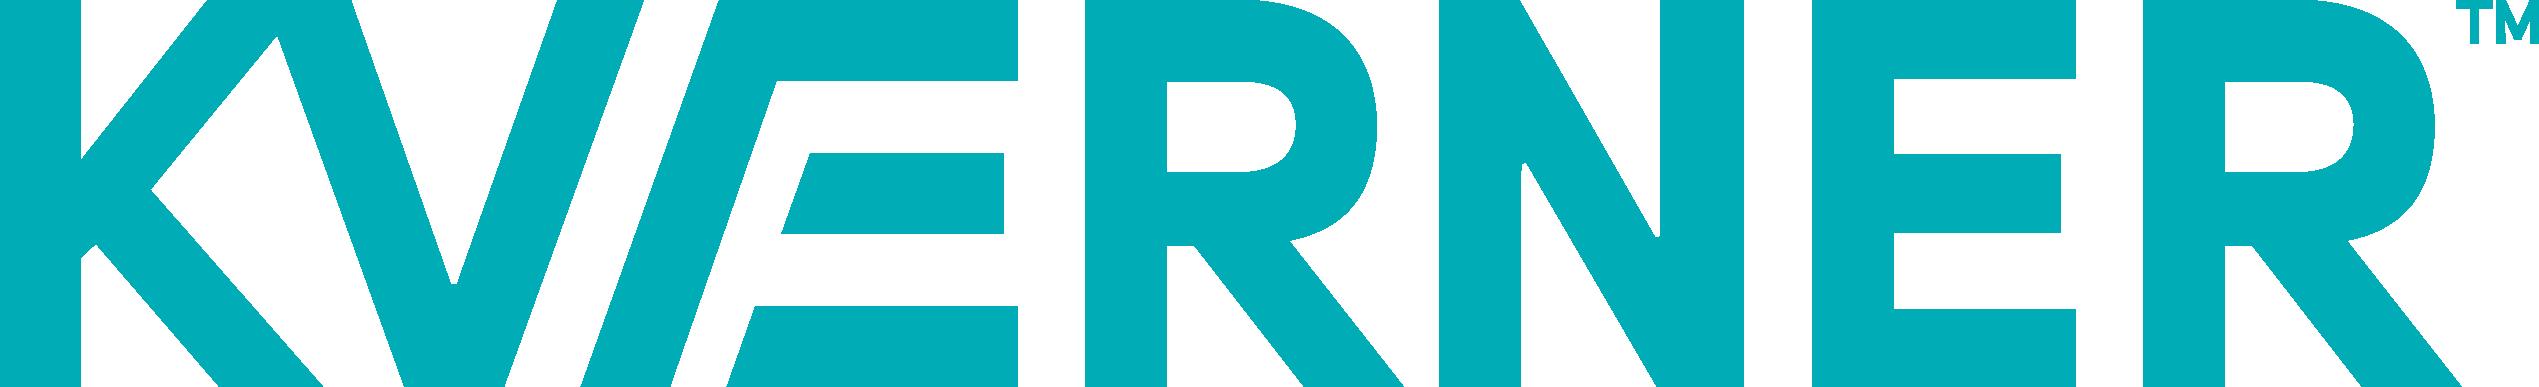 Kvaerner_logo_rgb_teal-2